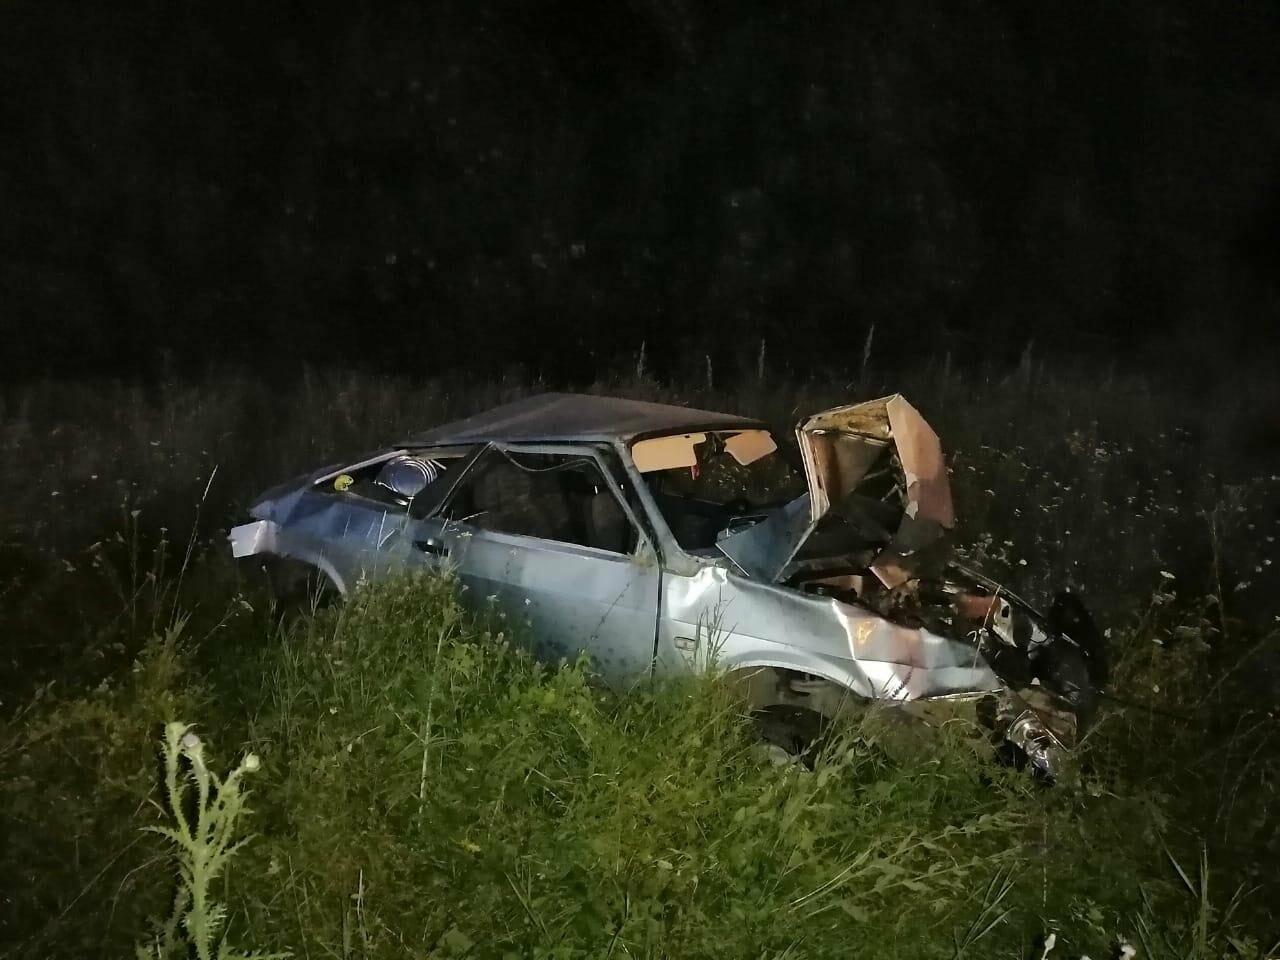 В Новошахтинске на трассе перевернулся ВАЗ-21083. Водитель ранен, пассажир погиб, фото-1